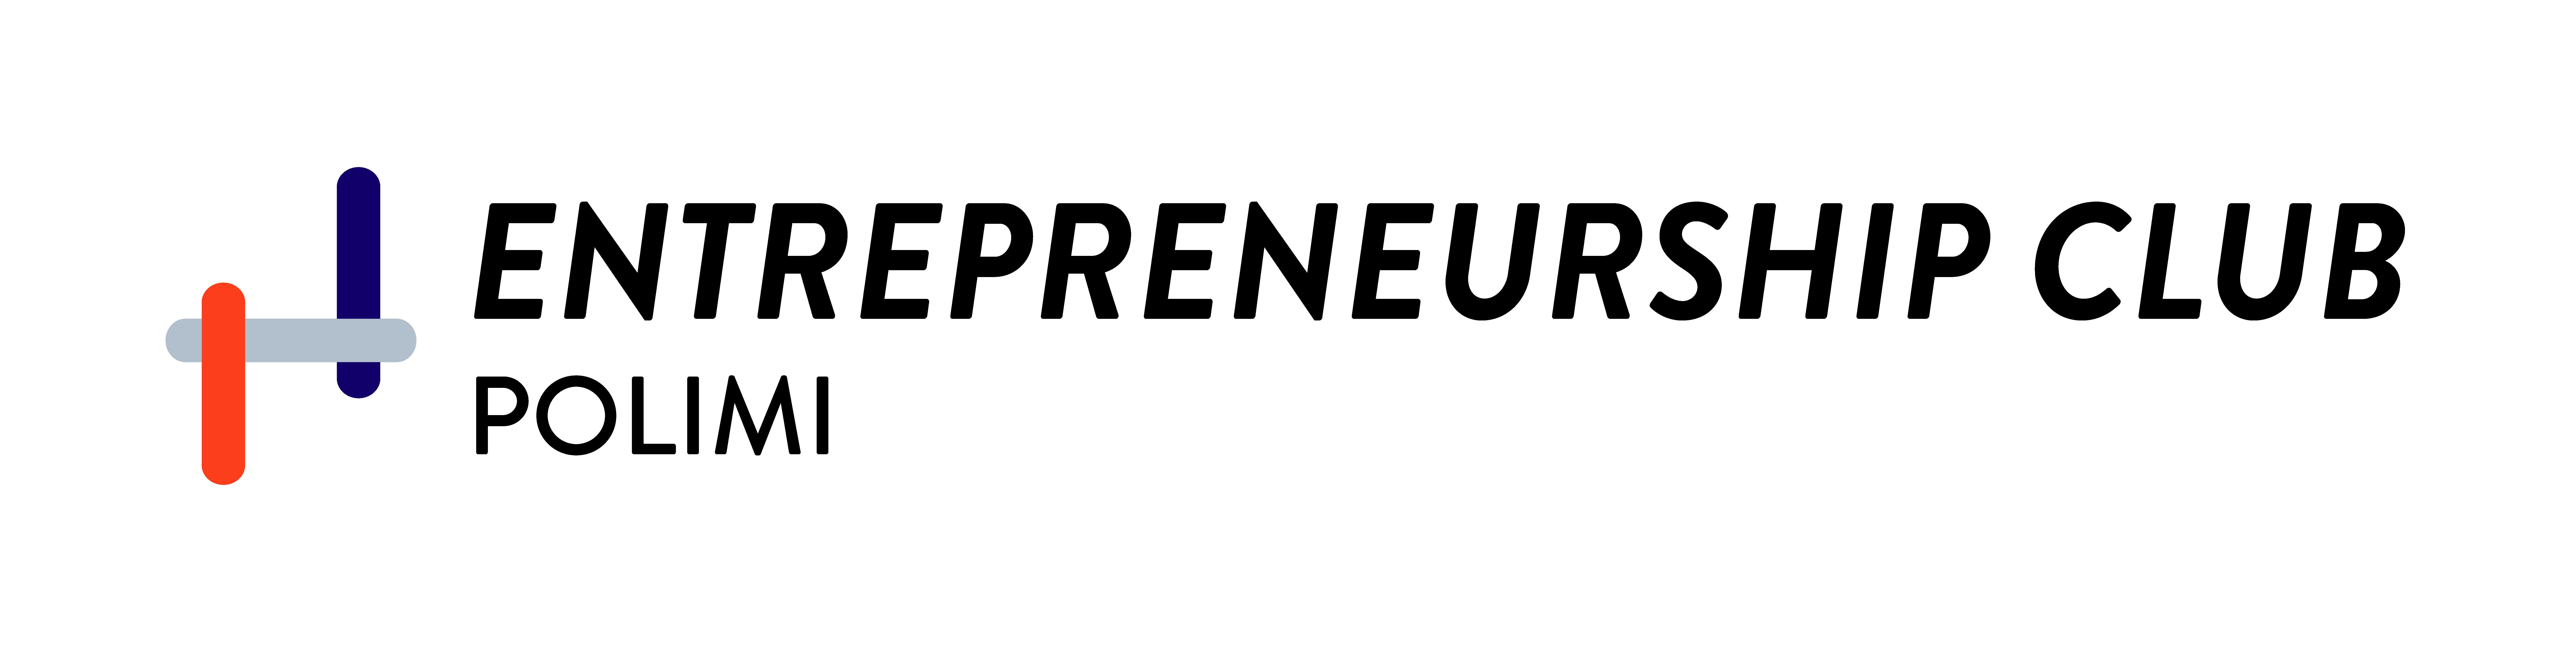 Eclub Polimi